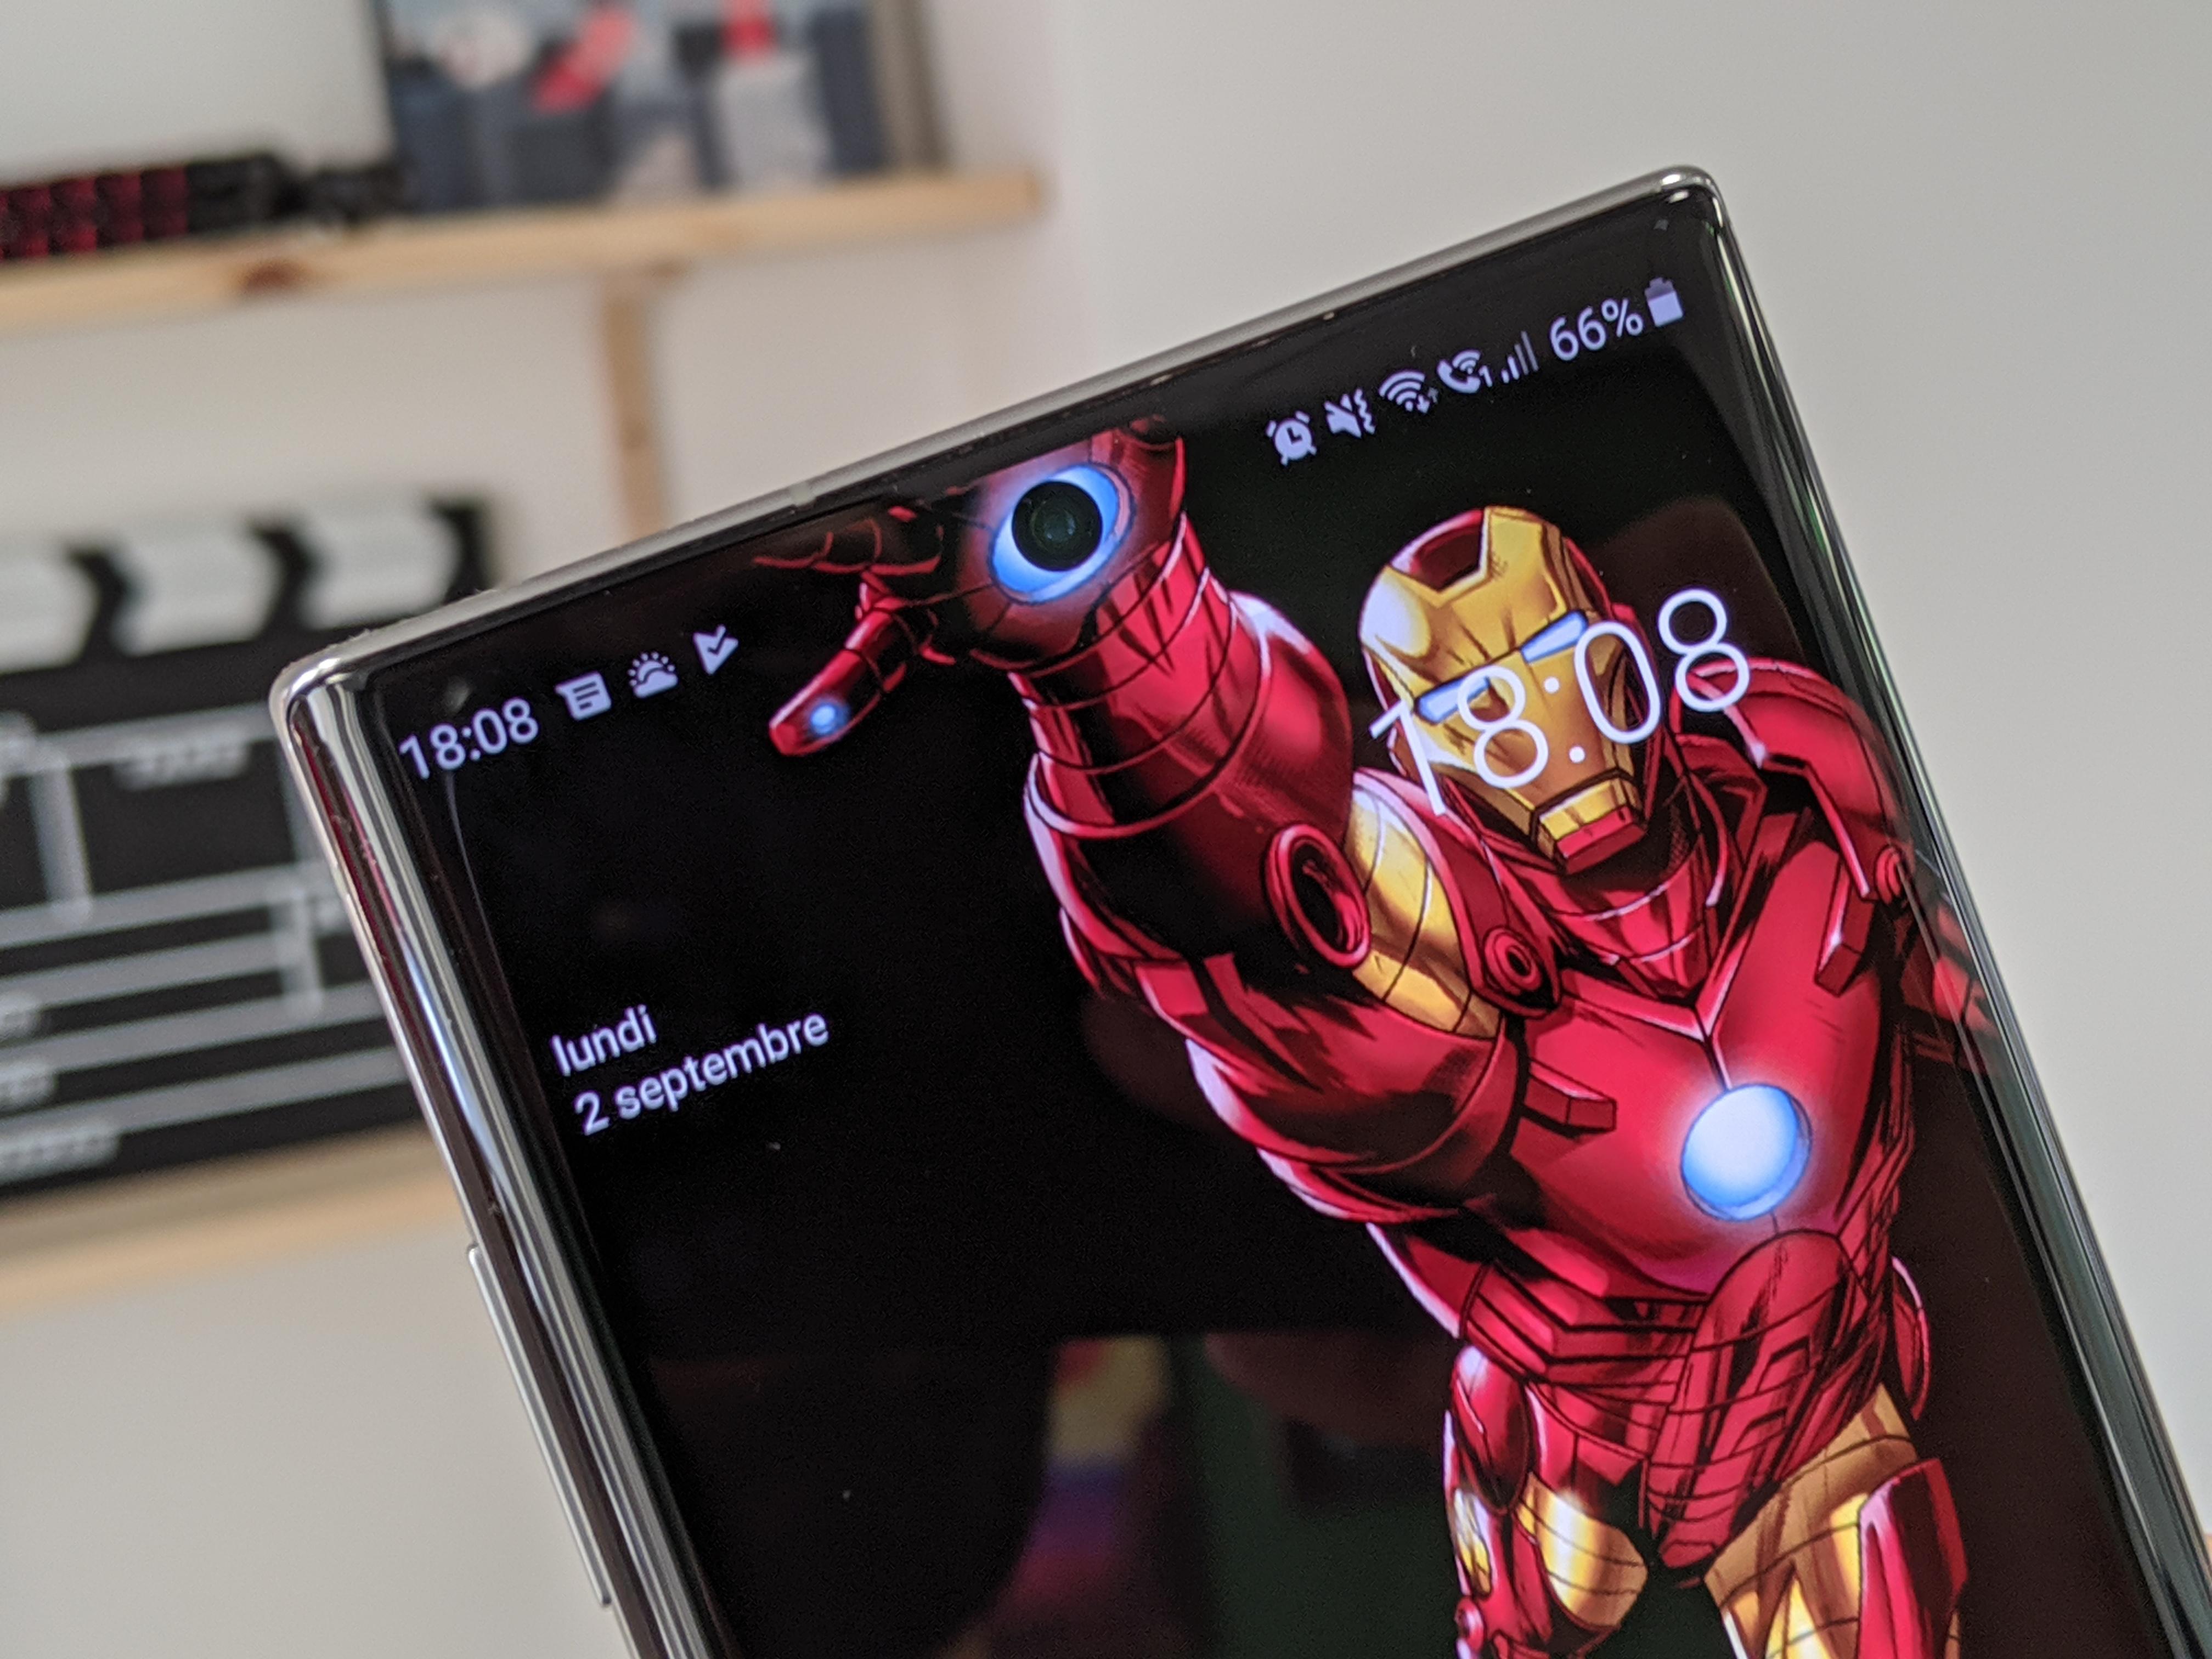 Samsung Galaxy Note 10 Camouflez Le Trou Dans L Ecran Avec